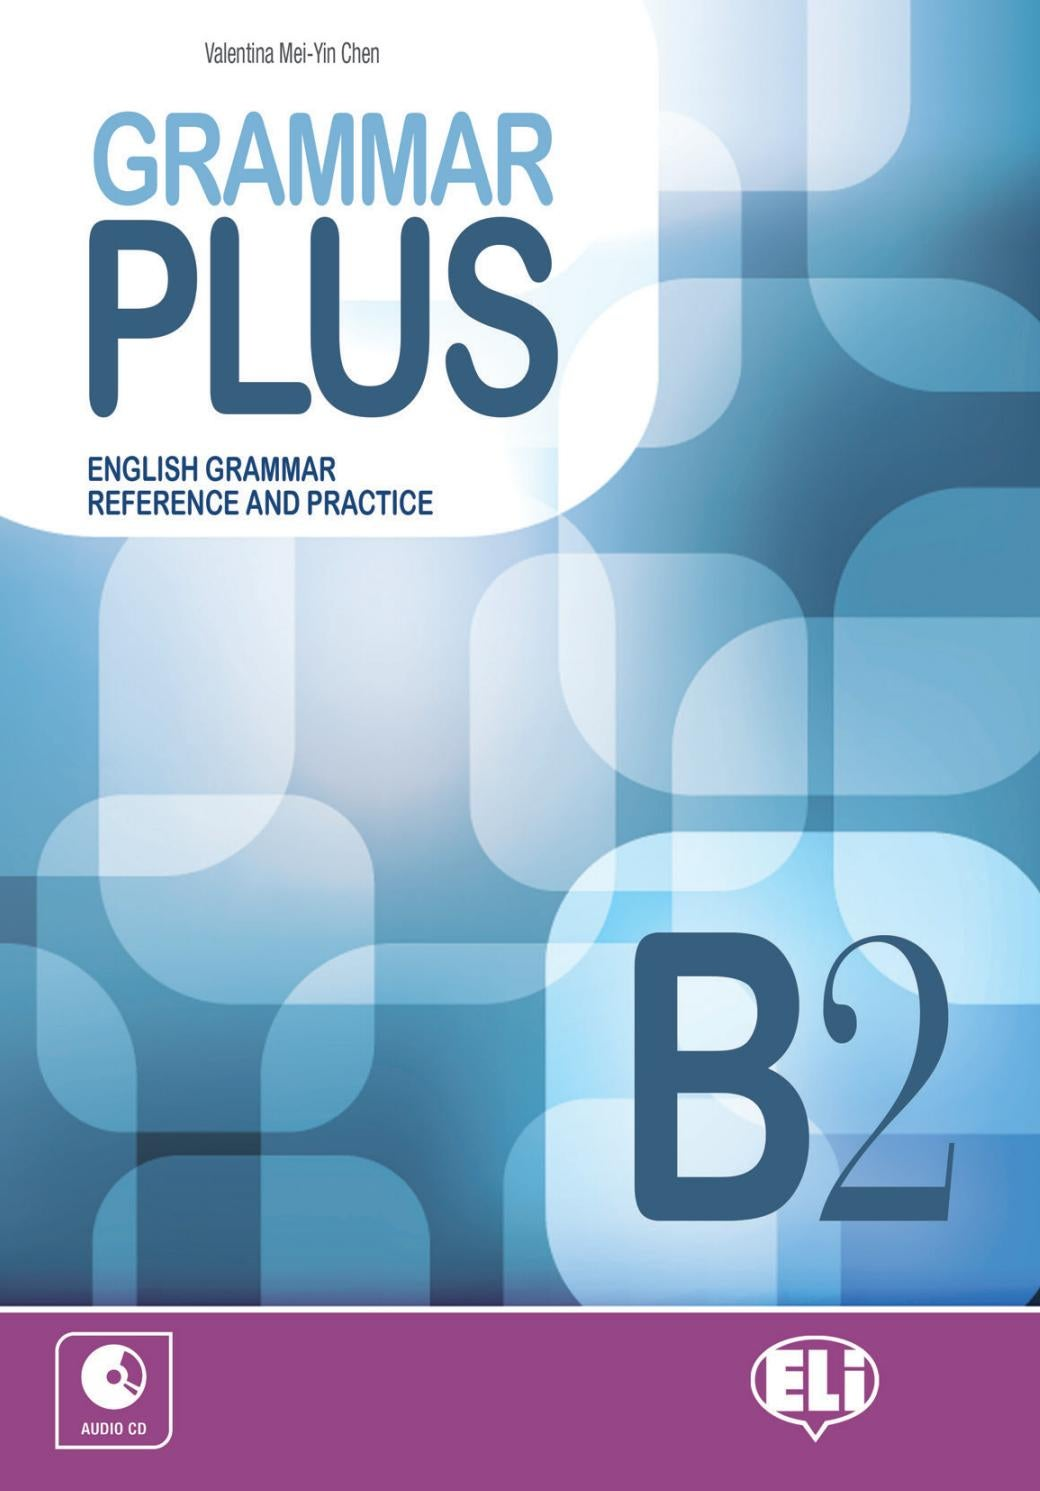 Grammar Plus B2 By ELI Publishing - Issuu